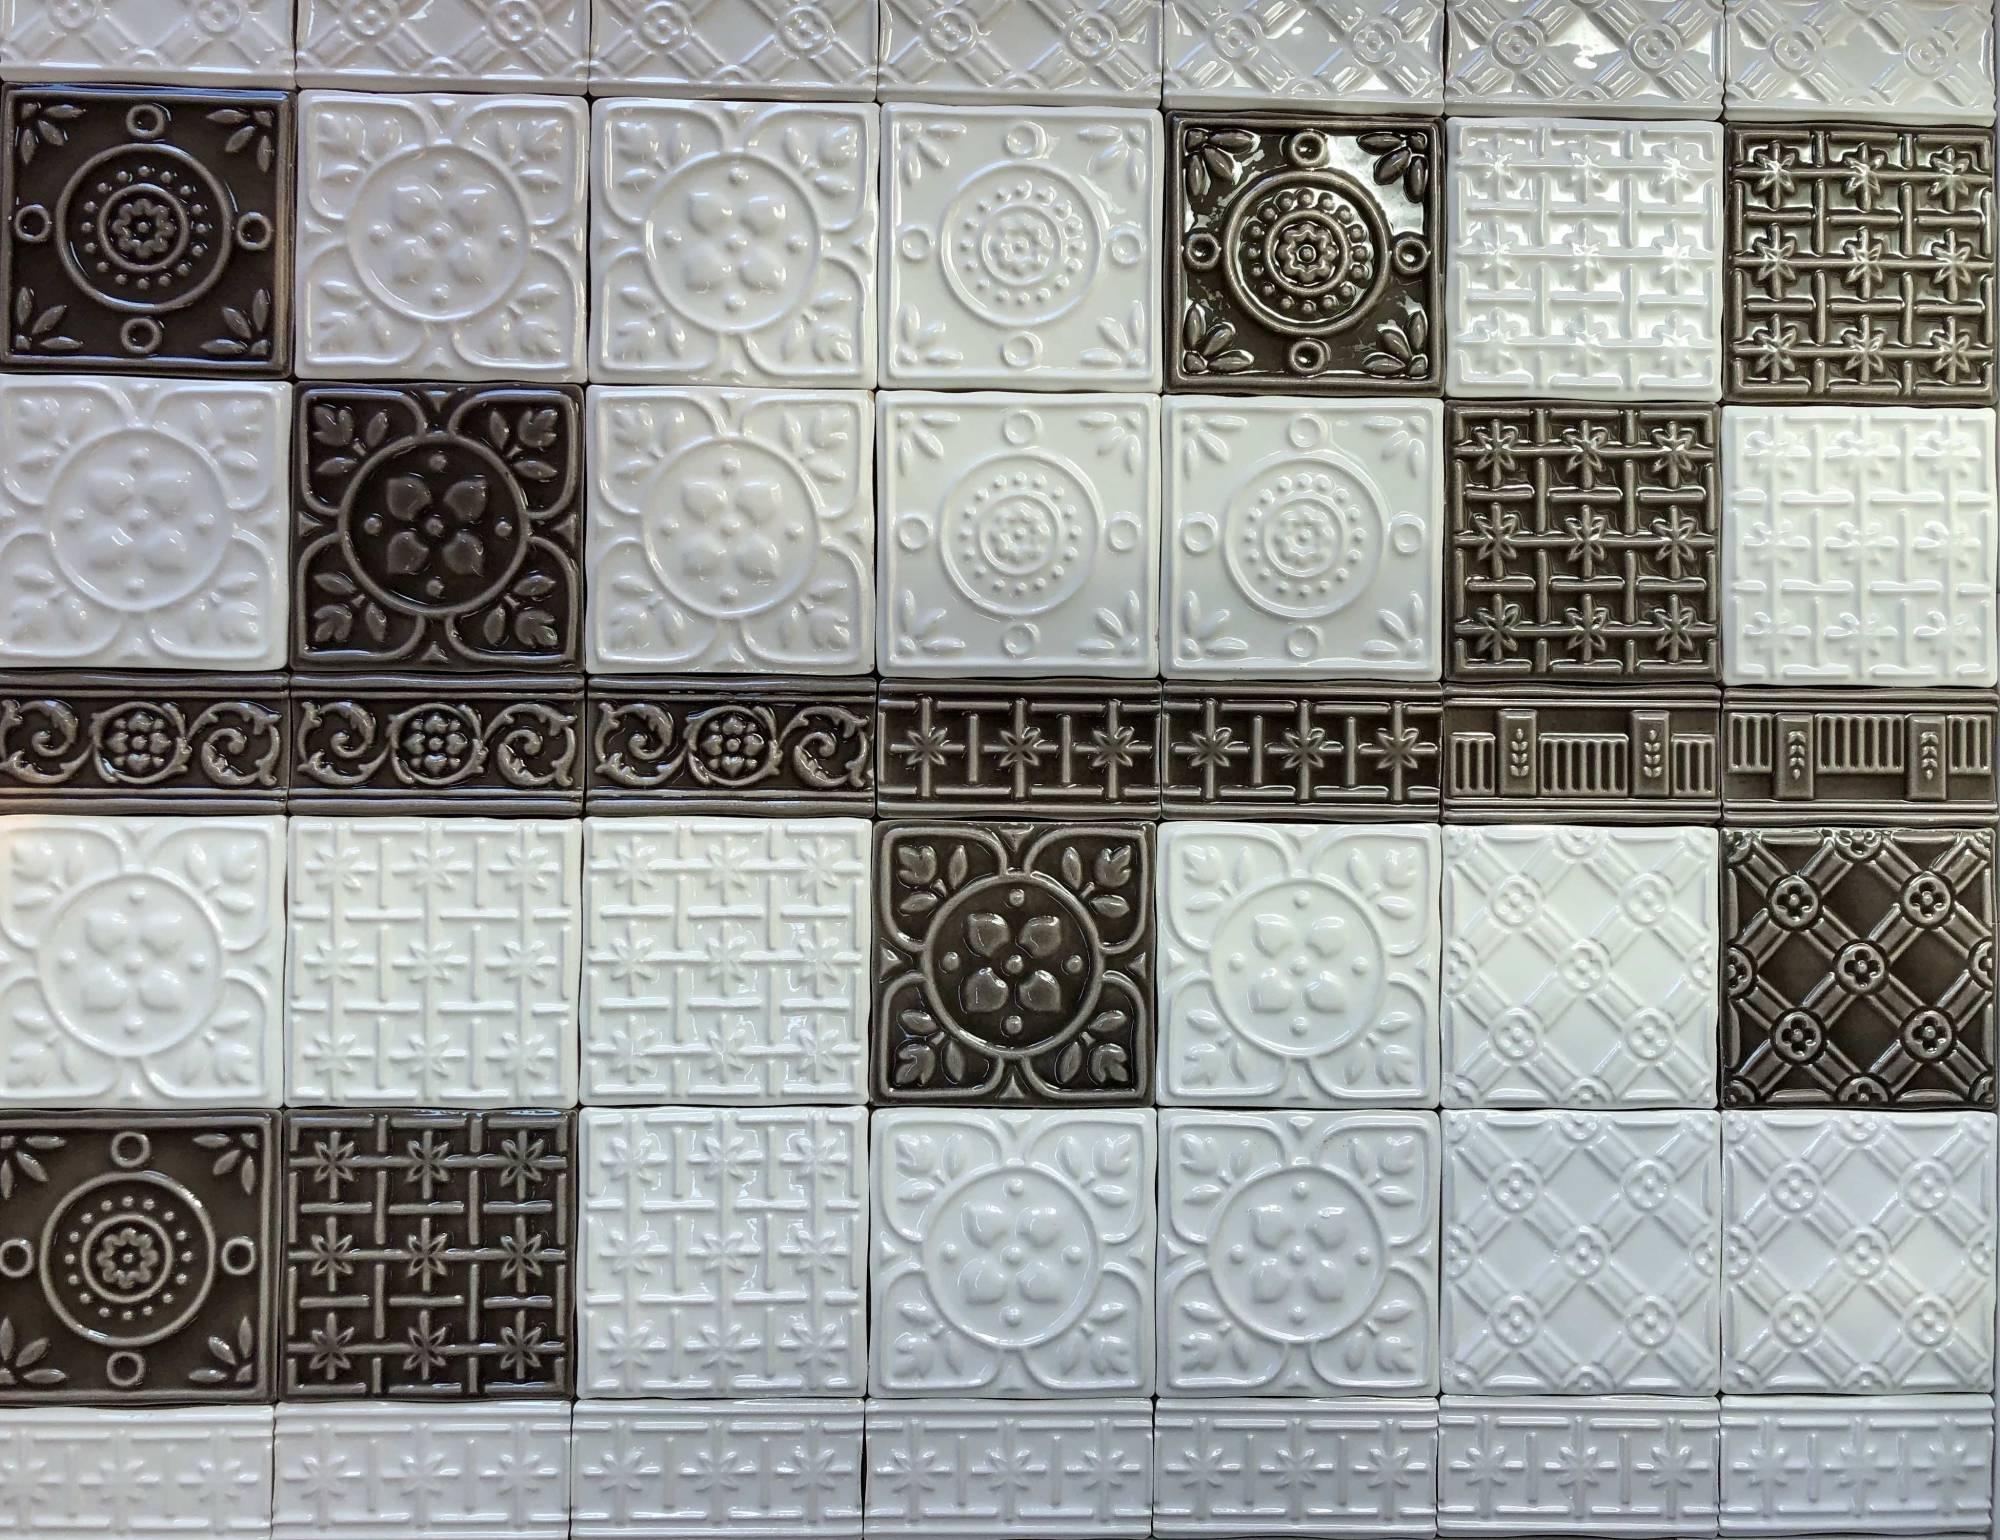 Carrelage En Galets Salle De Bain vente de carrelage pour mosaïque de galets japonais